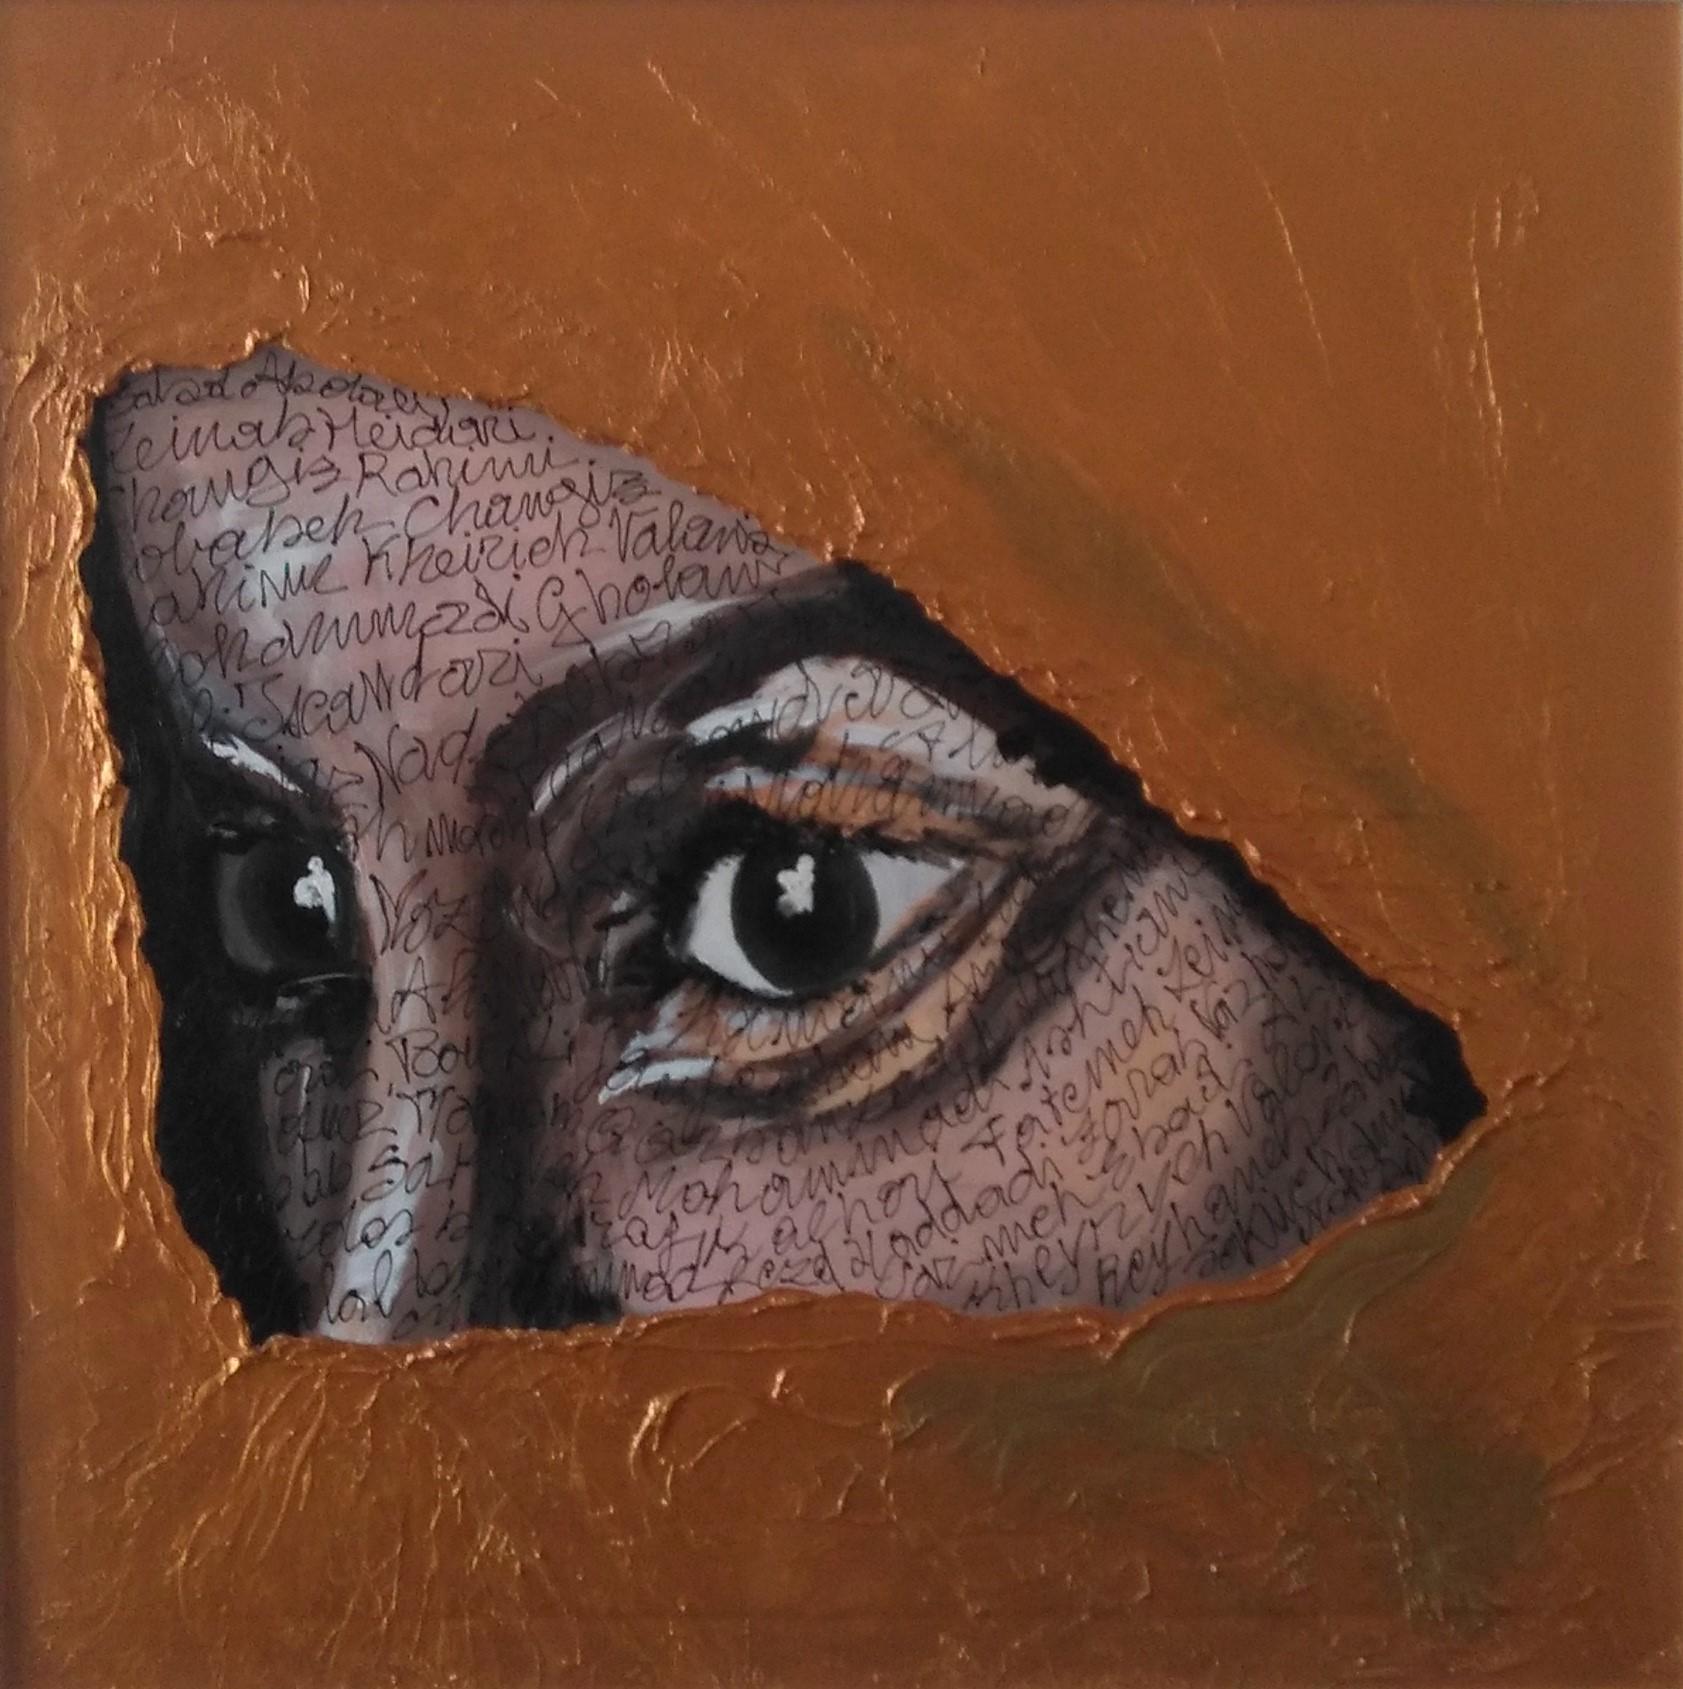 9edb3b2806 Sotto il velo occhi neri e infinite parole: in mostra a Napoli ...